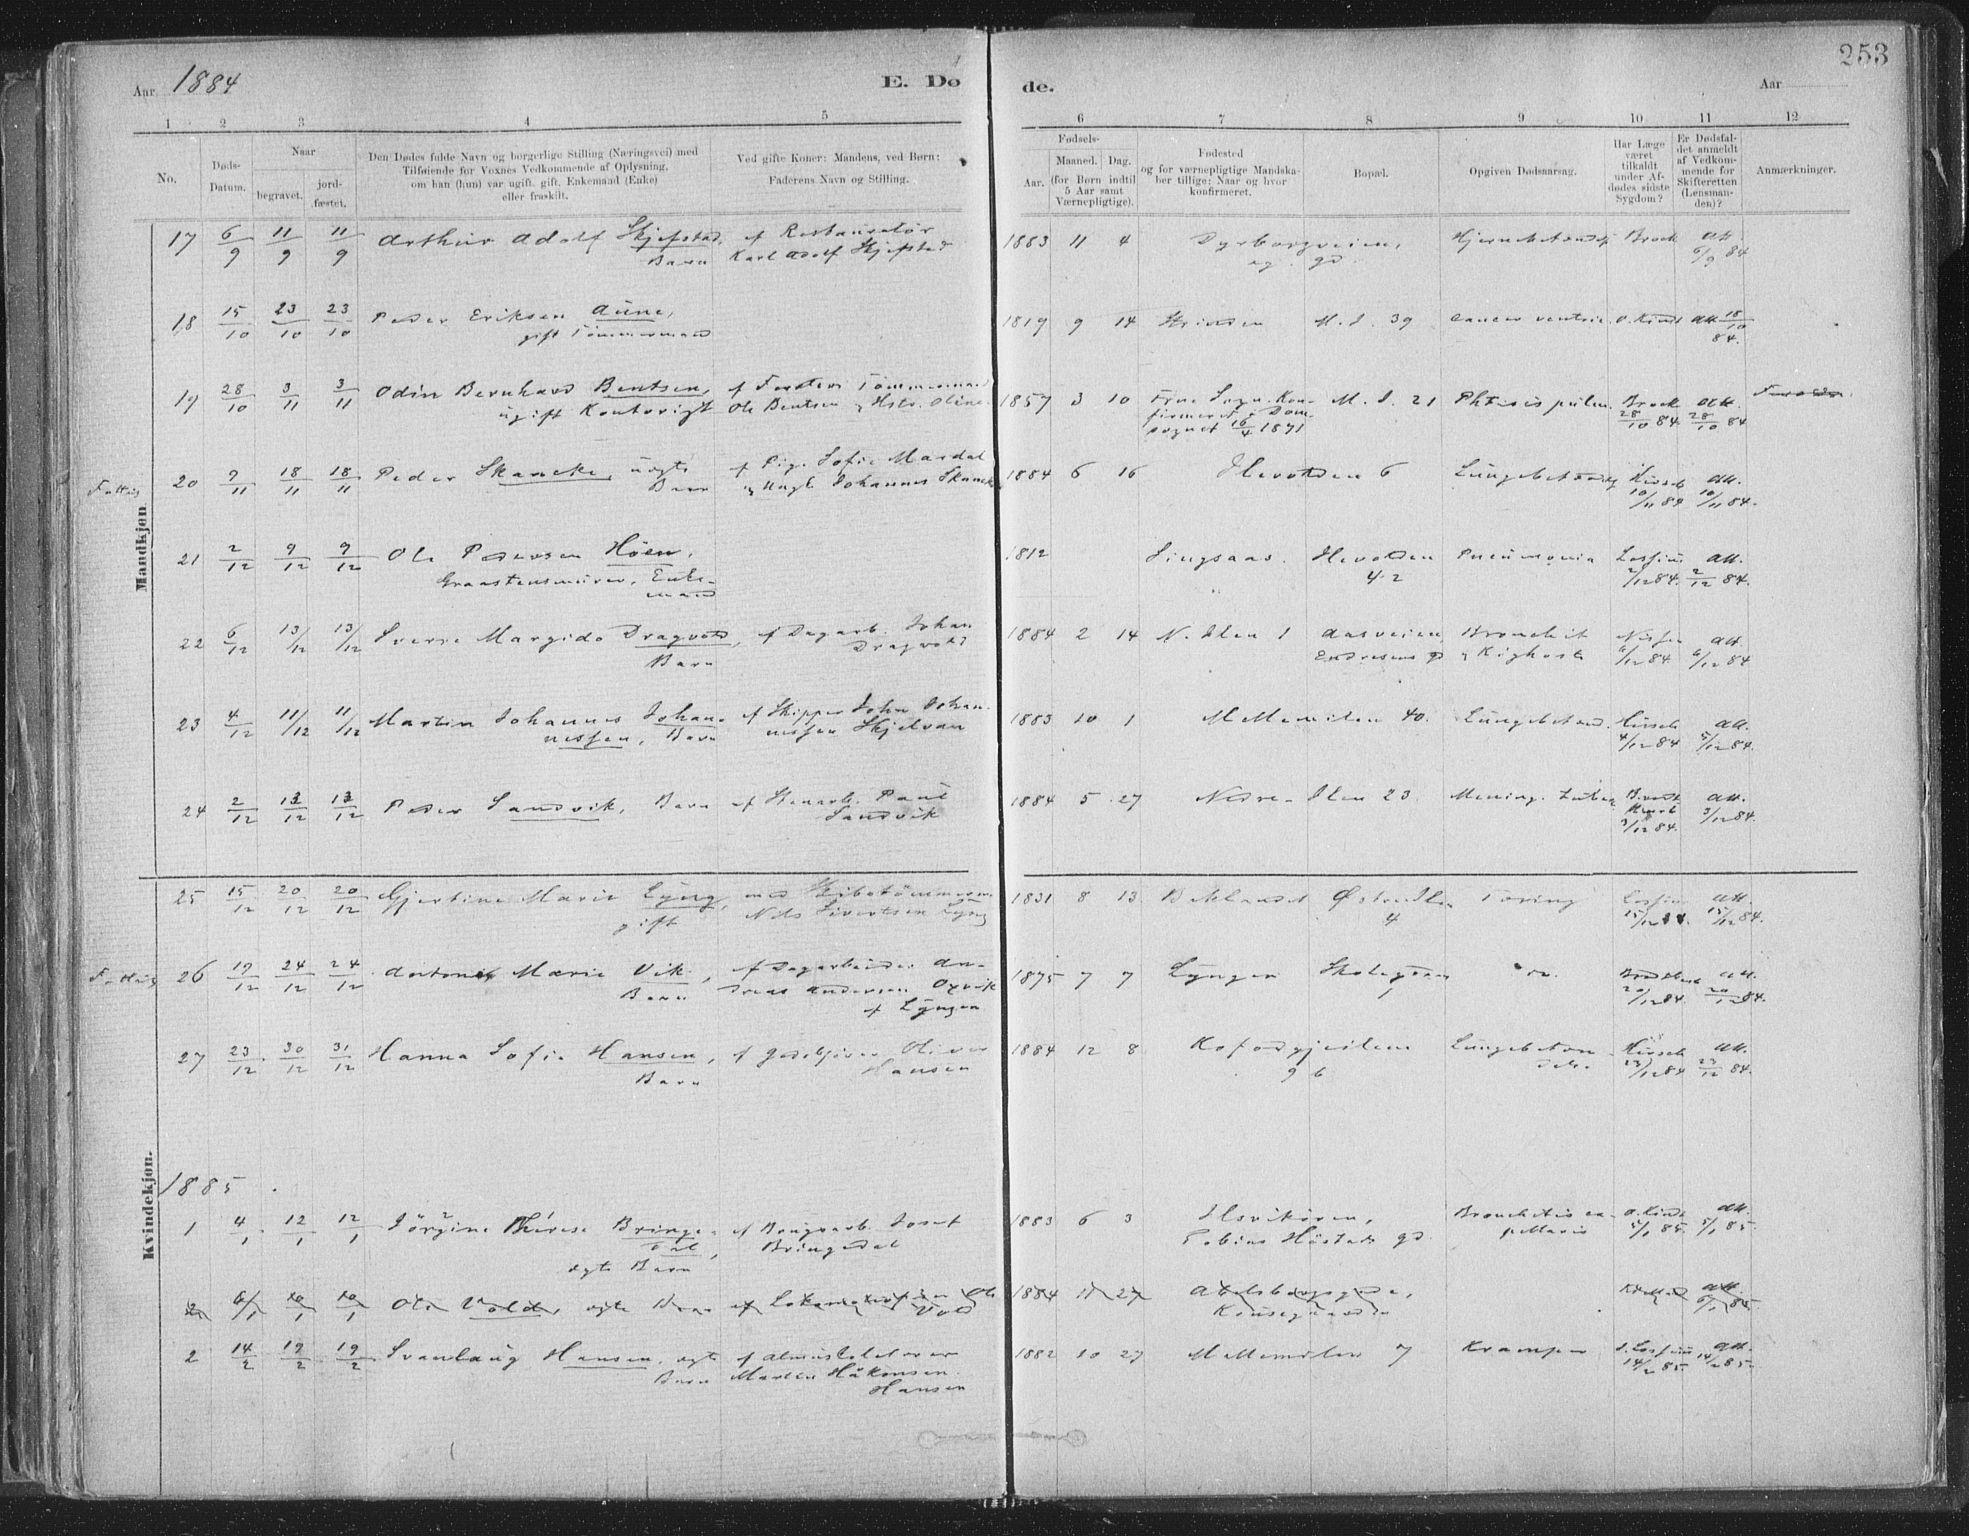 SAT, Ministerialprotokoller, klokkerbøker og fødselsregistre - Sør-Trøndelag, 603/L0162: Ministerialbok nr. 603A01, 1879-1895, s. 253